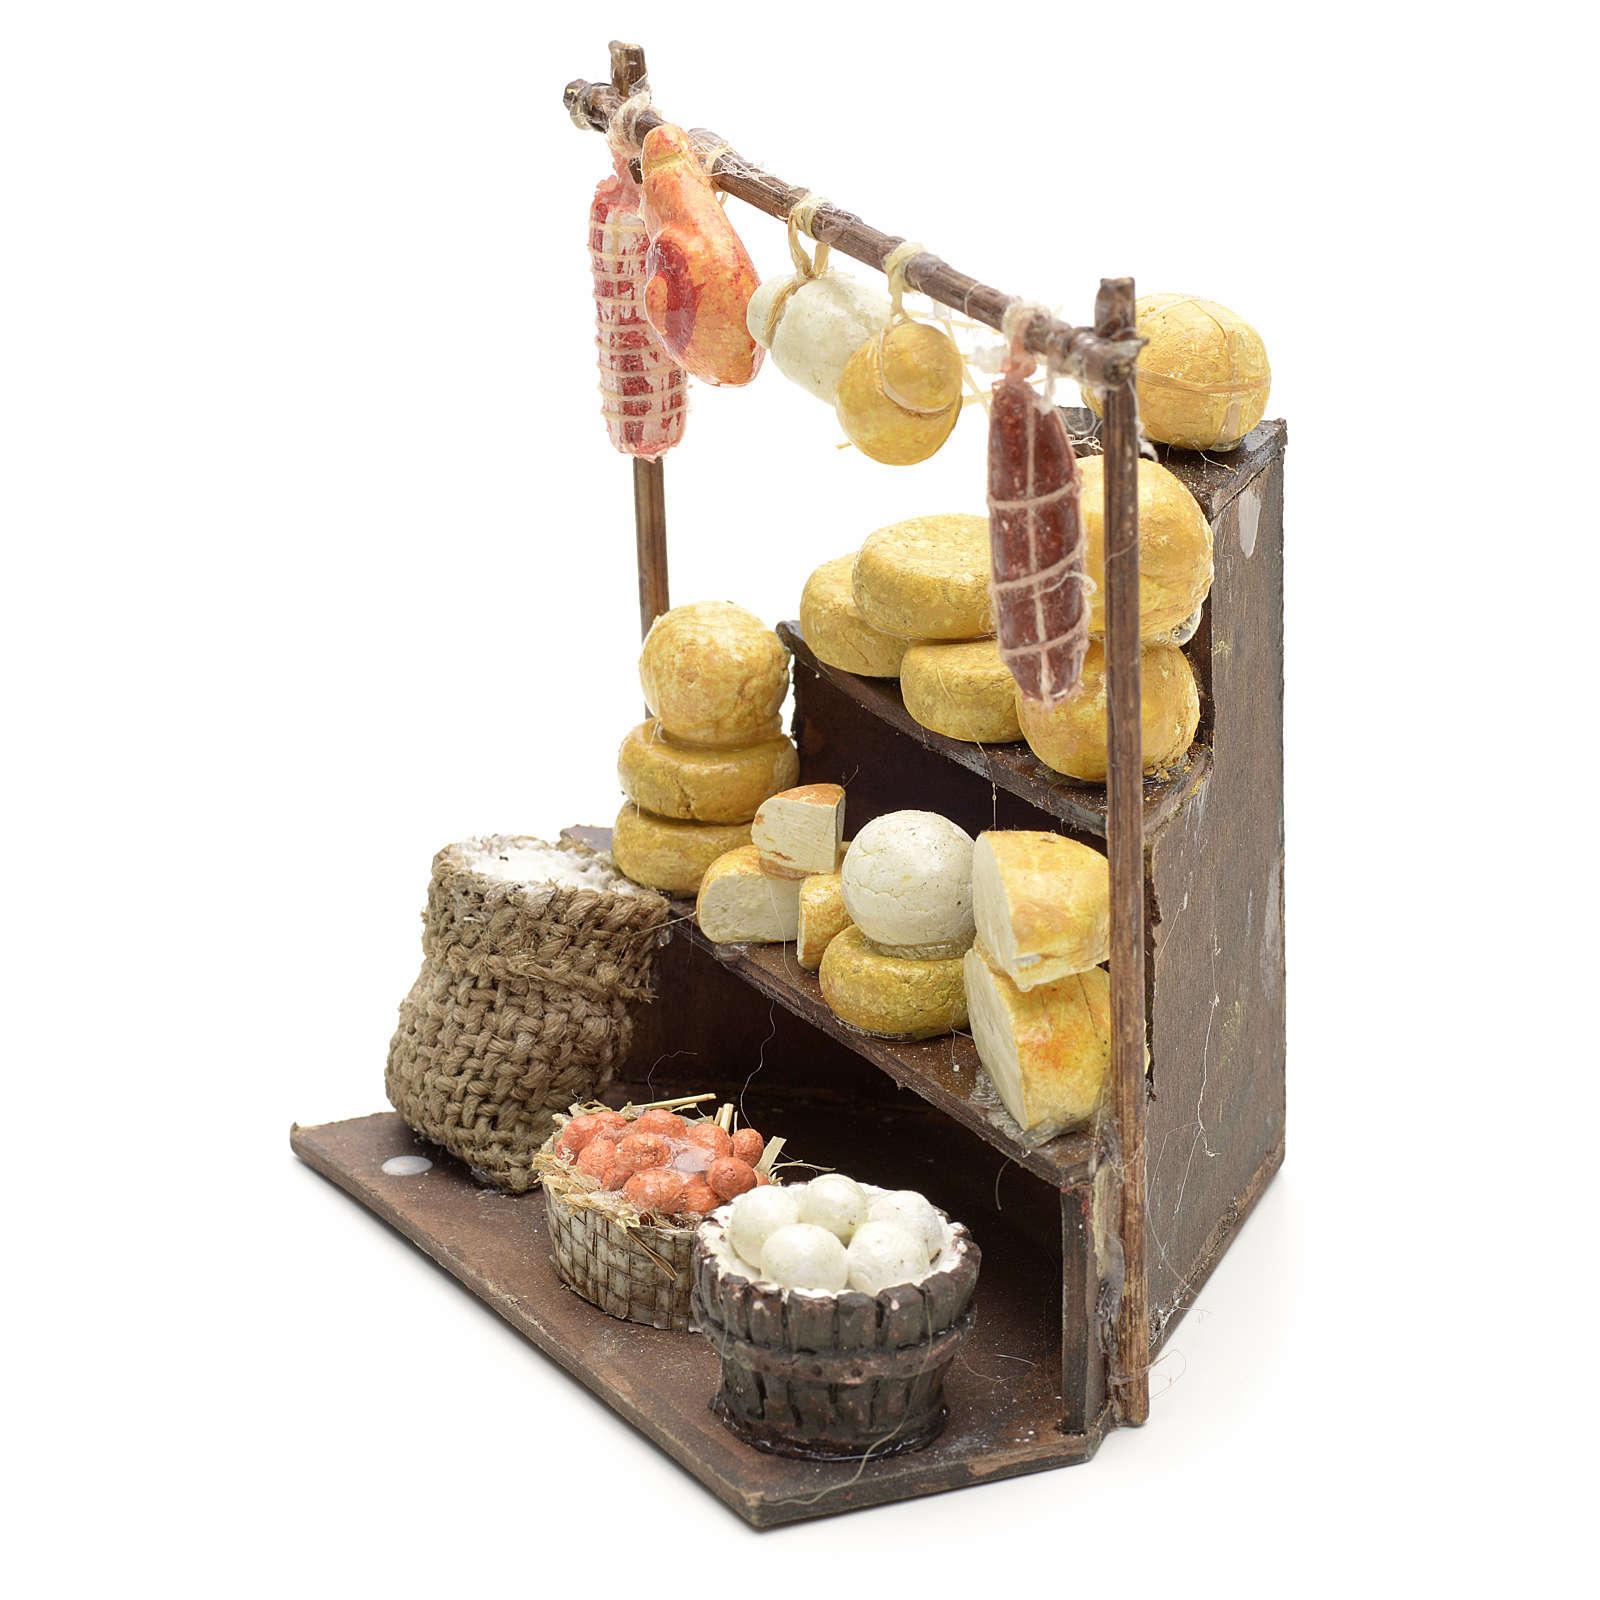 Banco salumi e formaggi presepe  11x11x10 cm 4